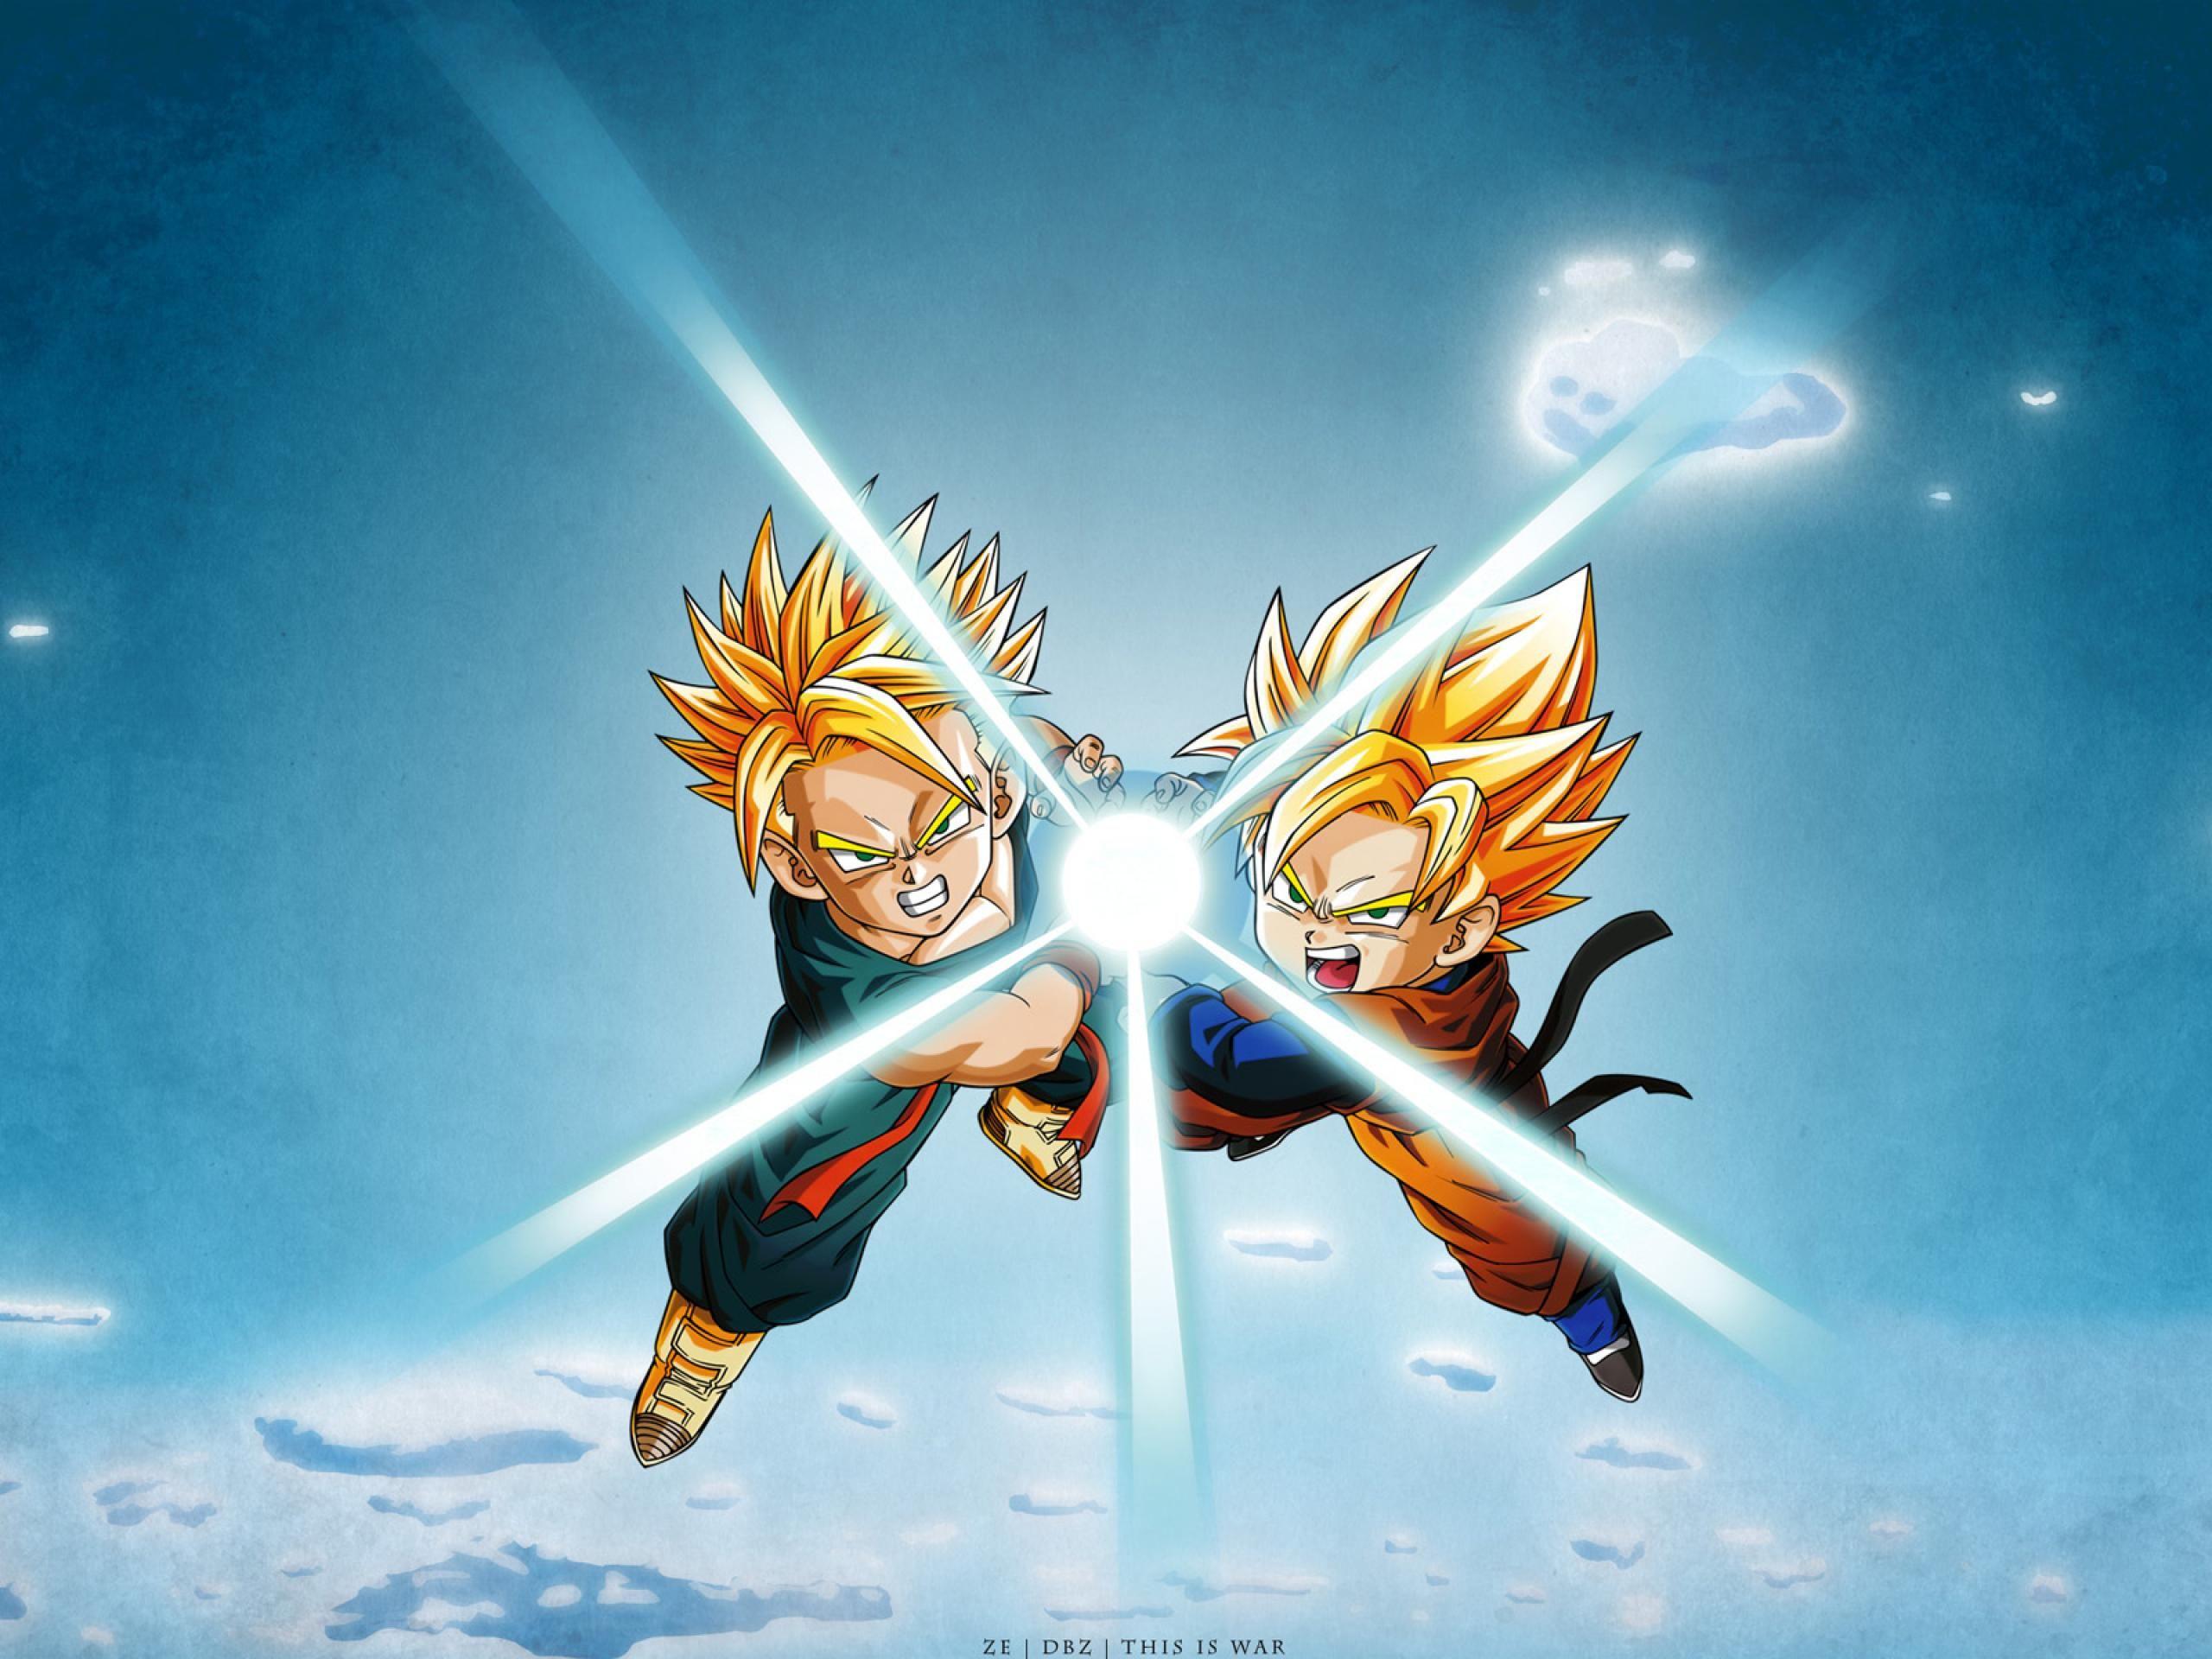 Dragon Ball Z Wallpaper Hd Trunks And Goten Kamehameha Dragon Ball Wallpapers Anime Dragon Ball Dragon Ball